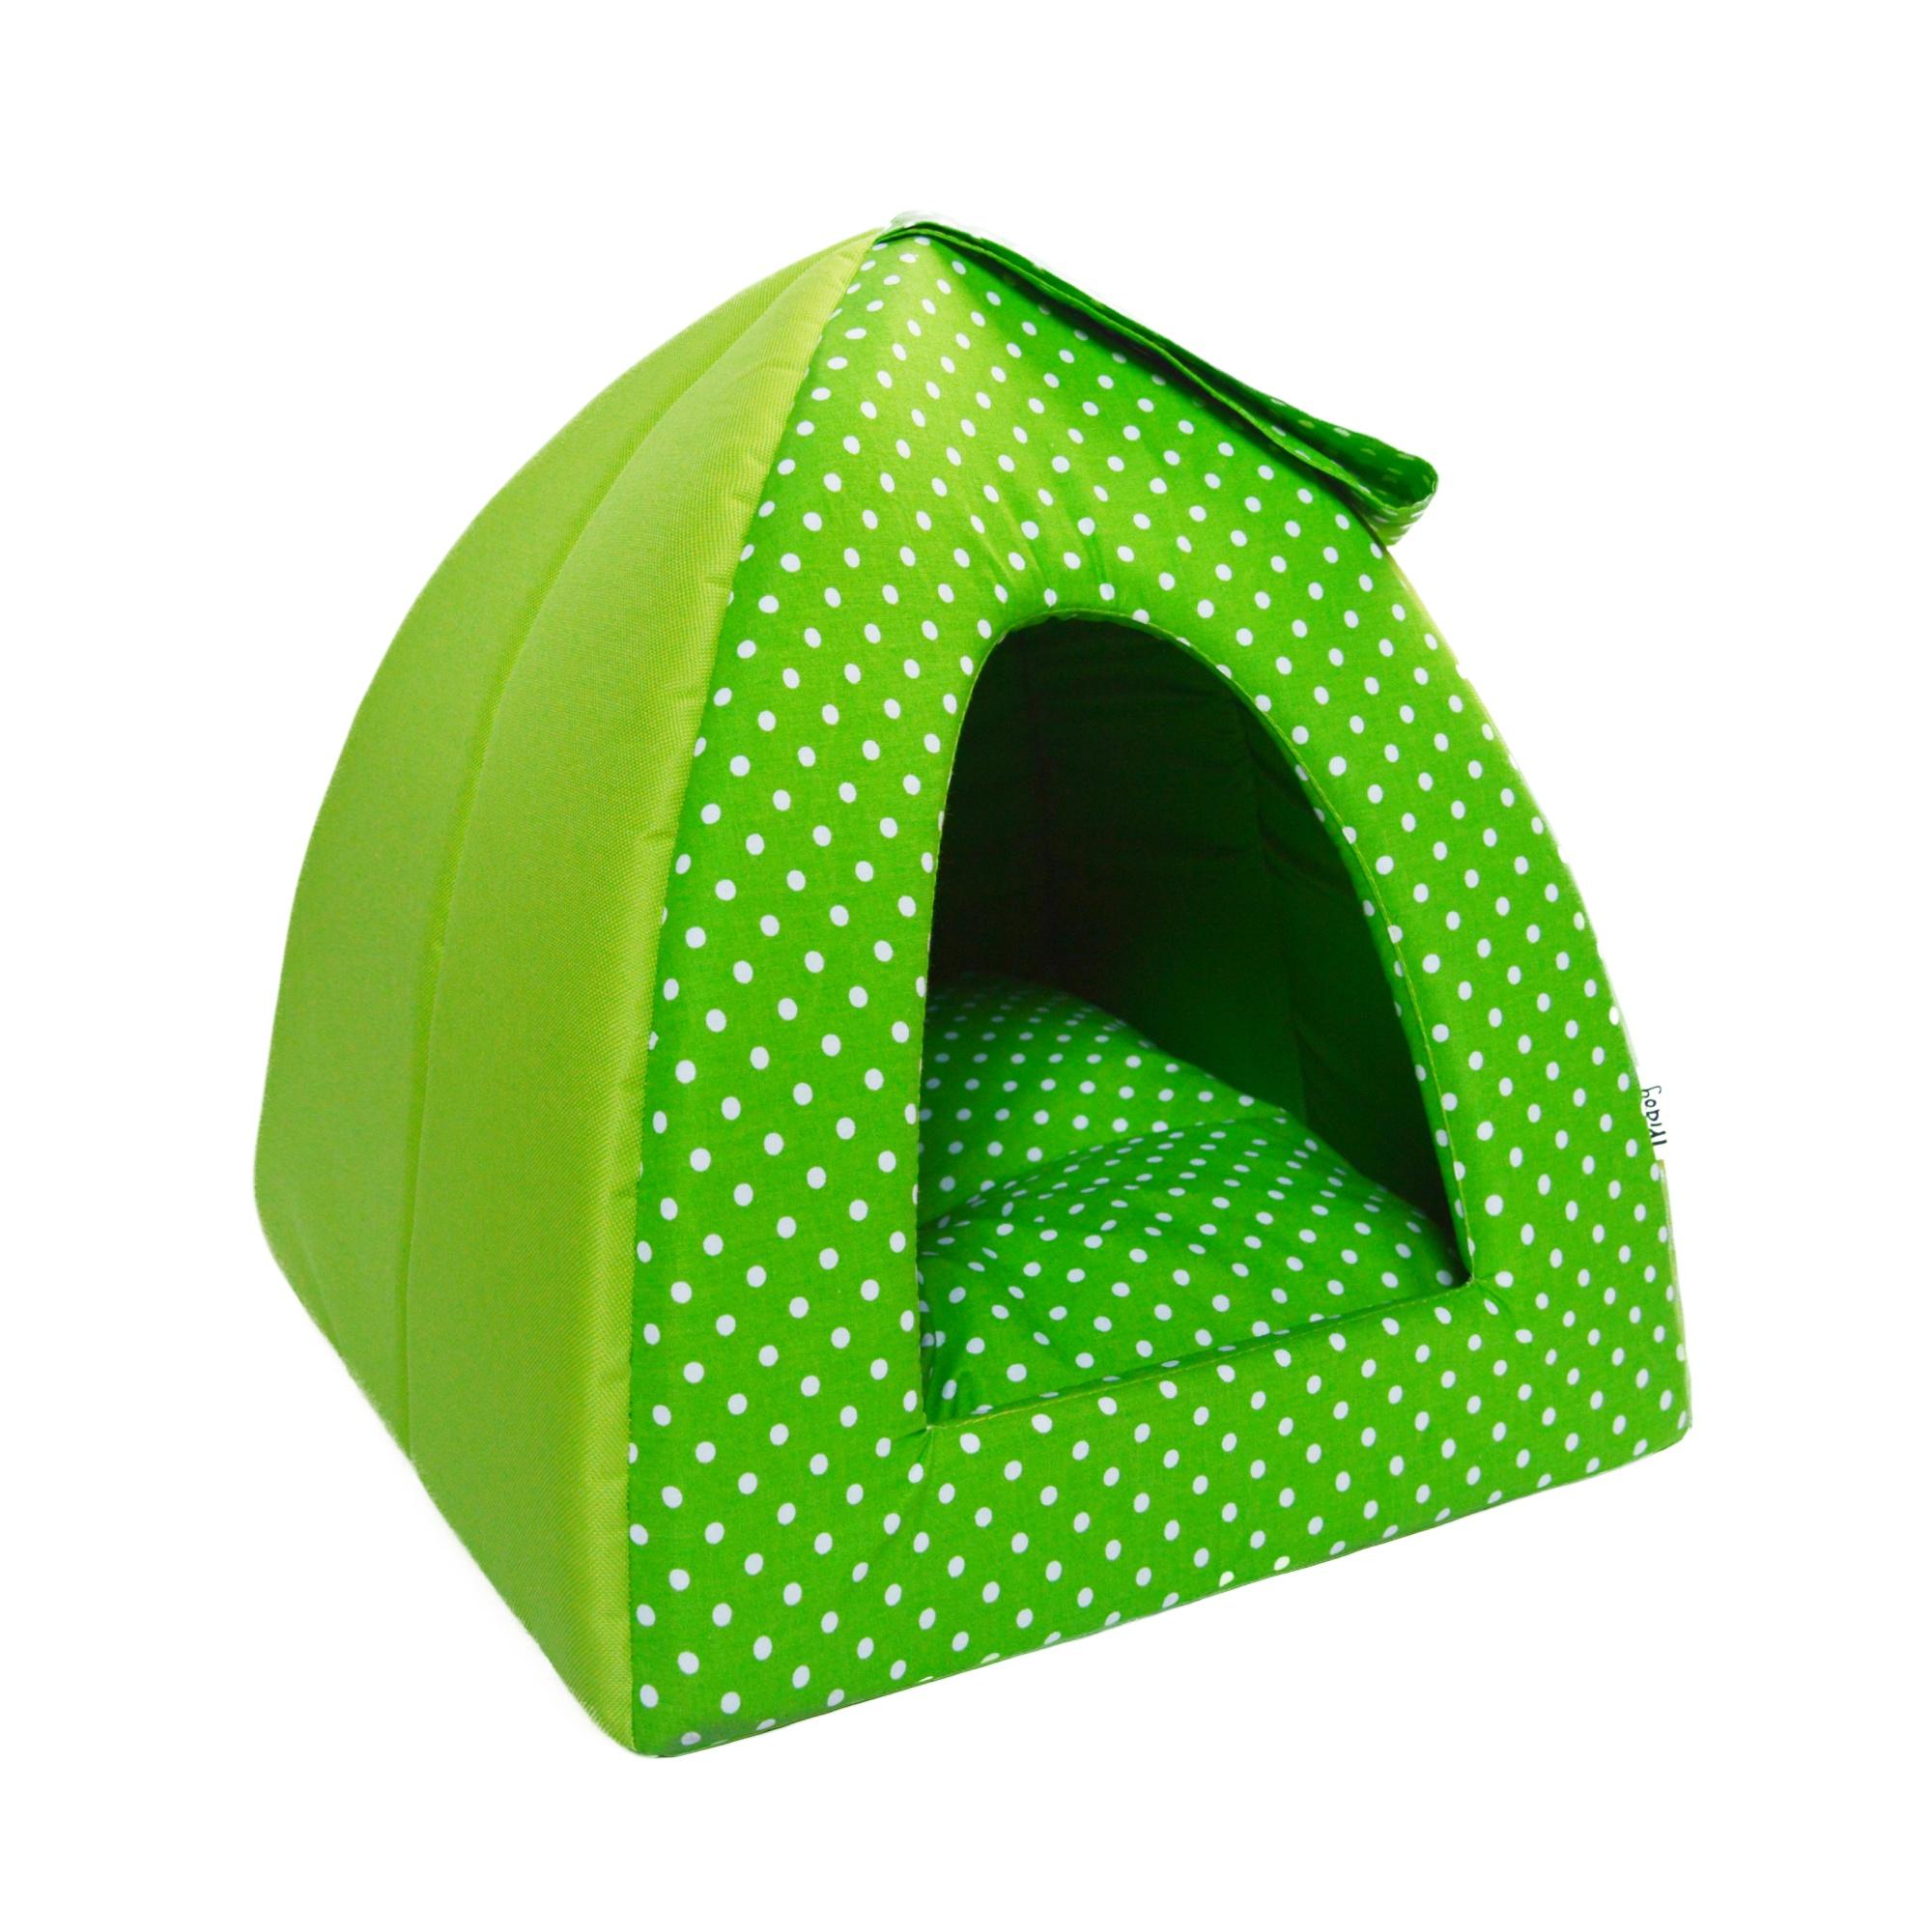 Kukaň IGLOO no. 9, zelená s puntíky, 32 x 32 x 32 cm